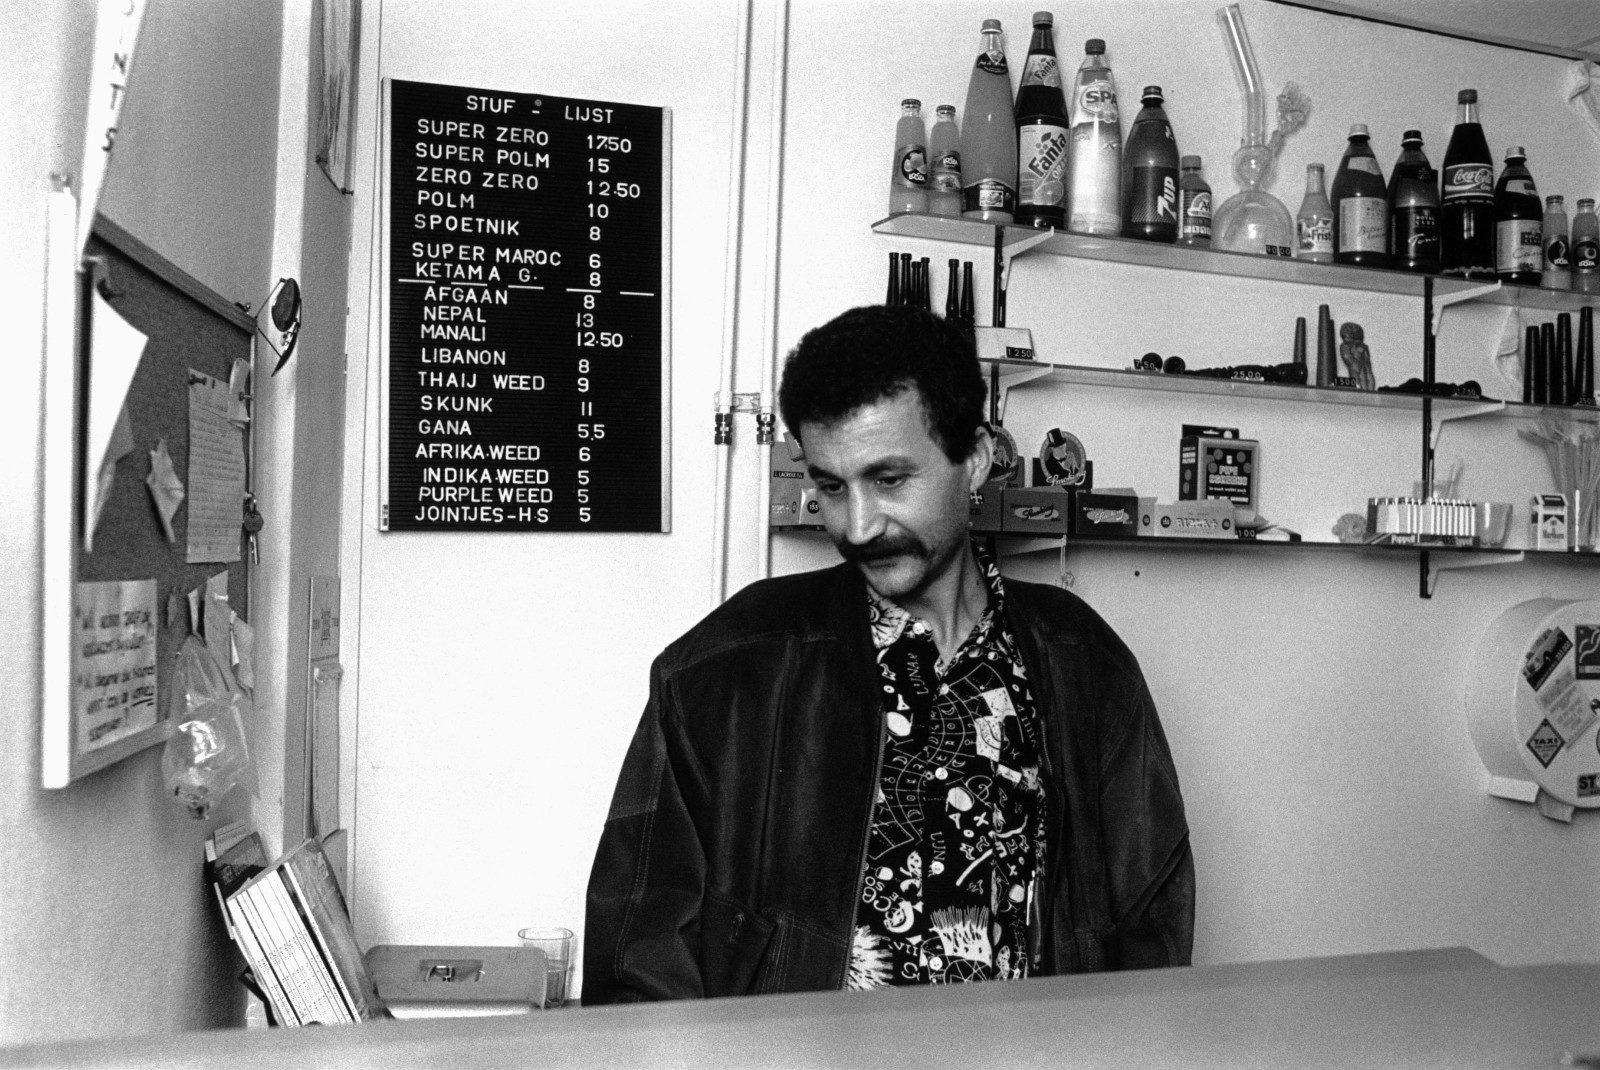 Coffeeshop 't Kunsje